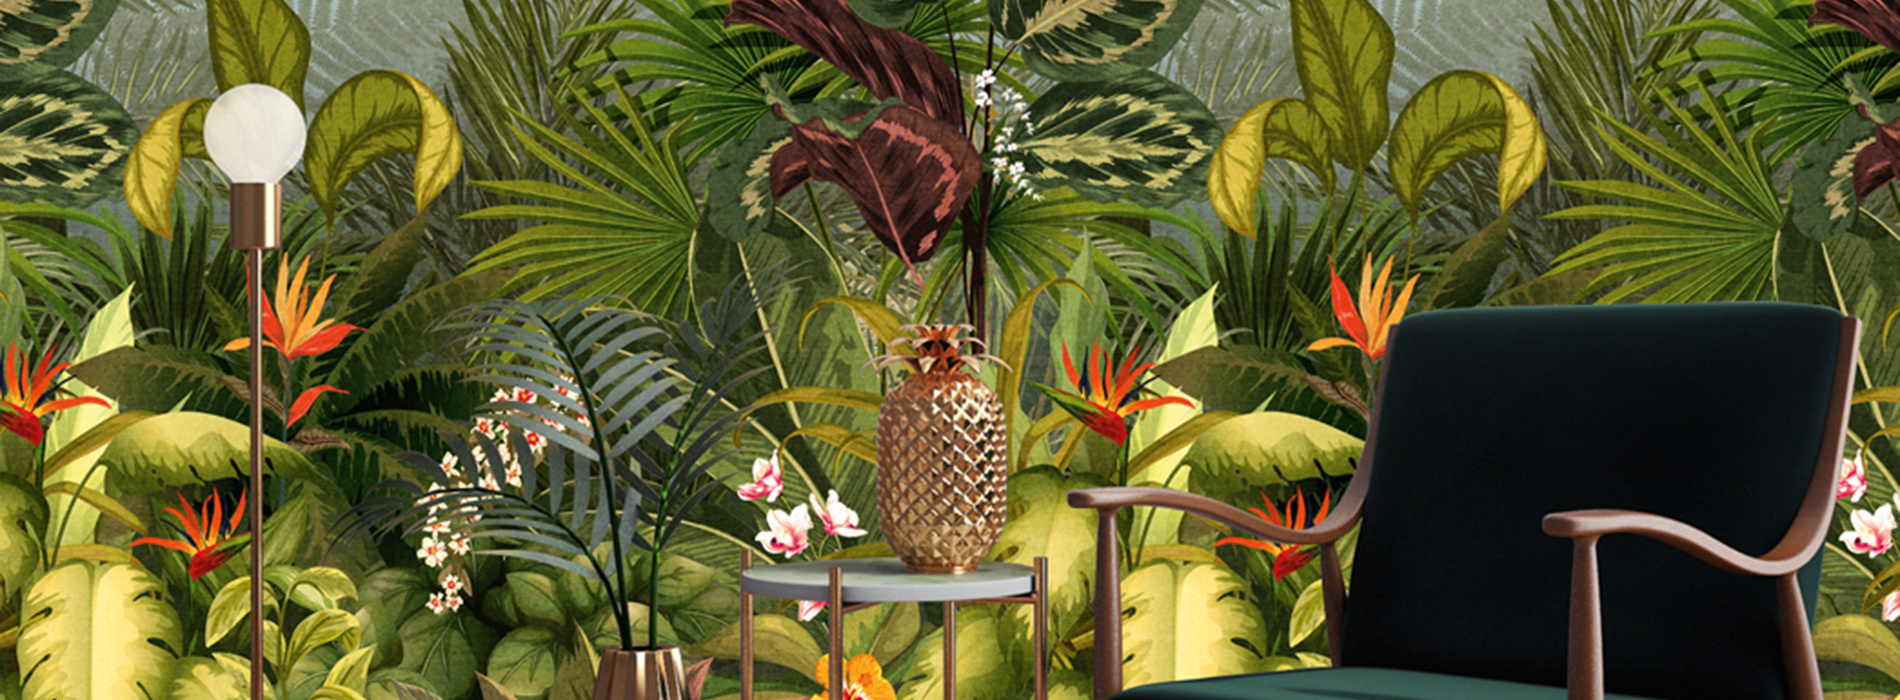 Jungle behang met tropische bomen, bladeren, vogels en andere dieren